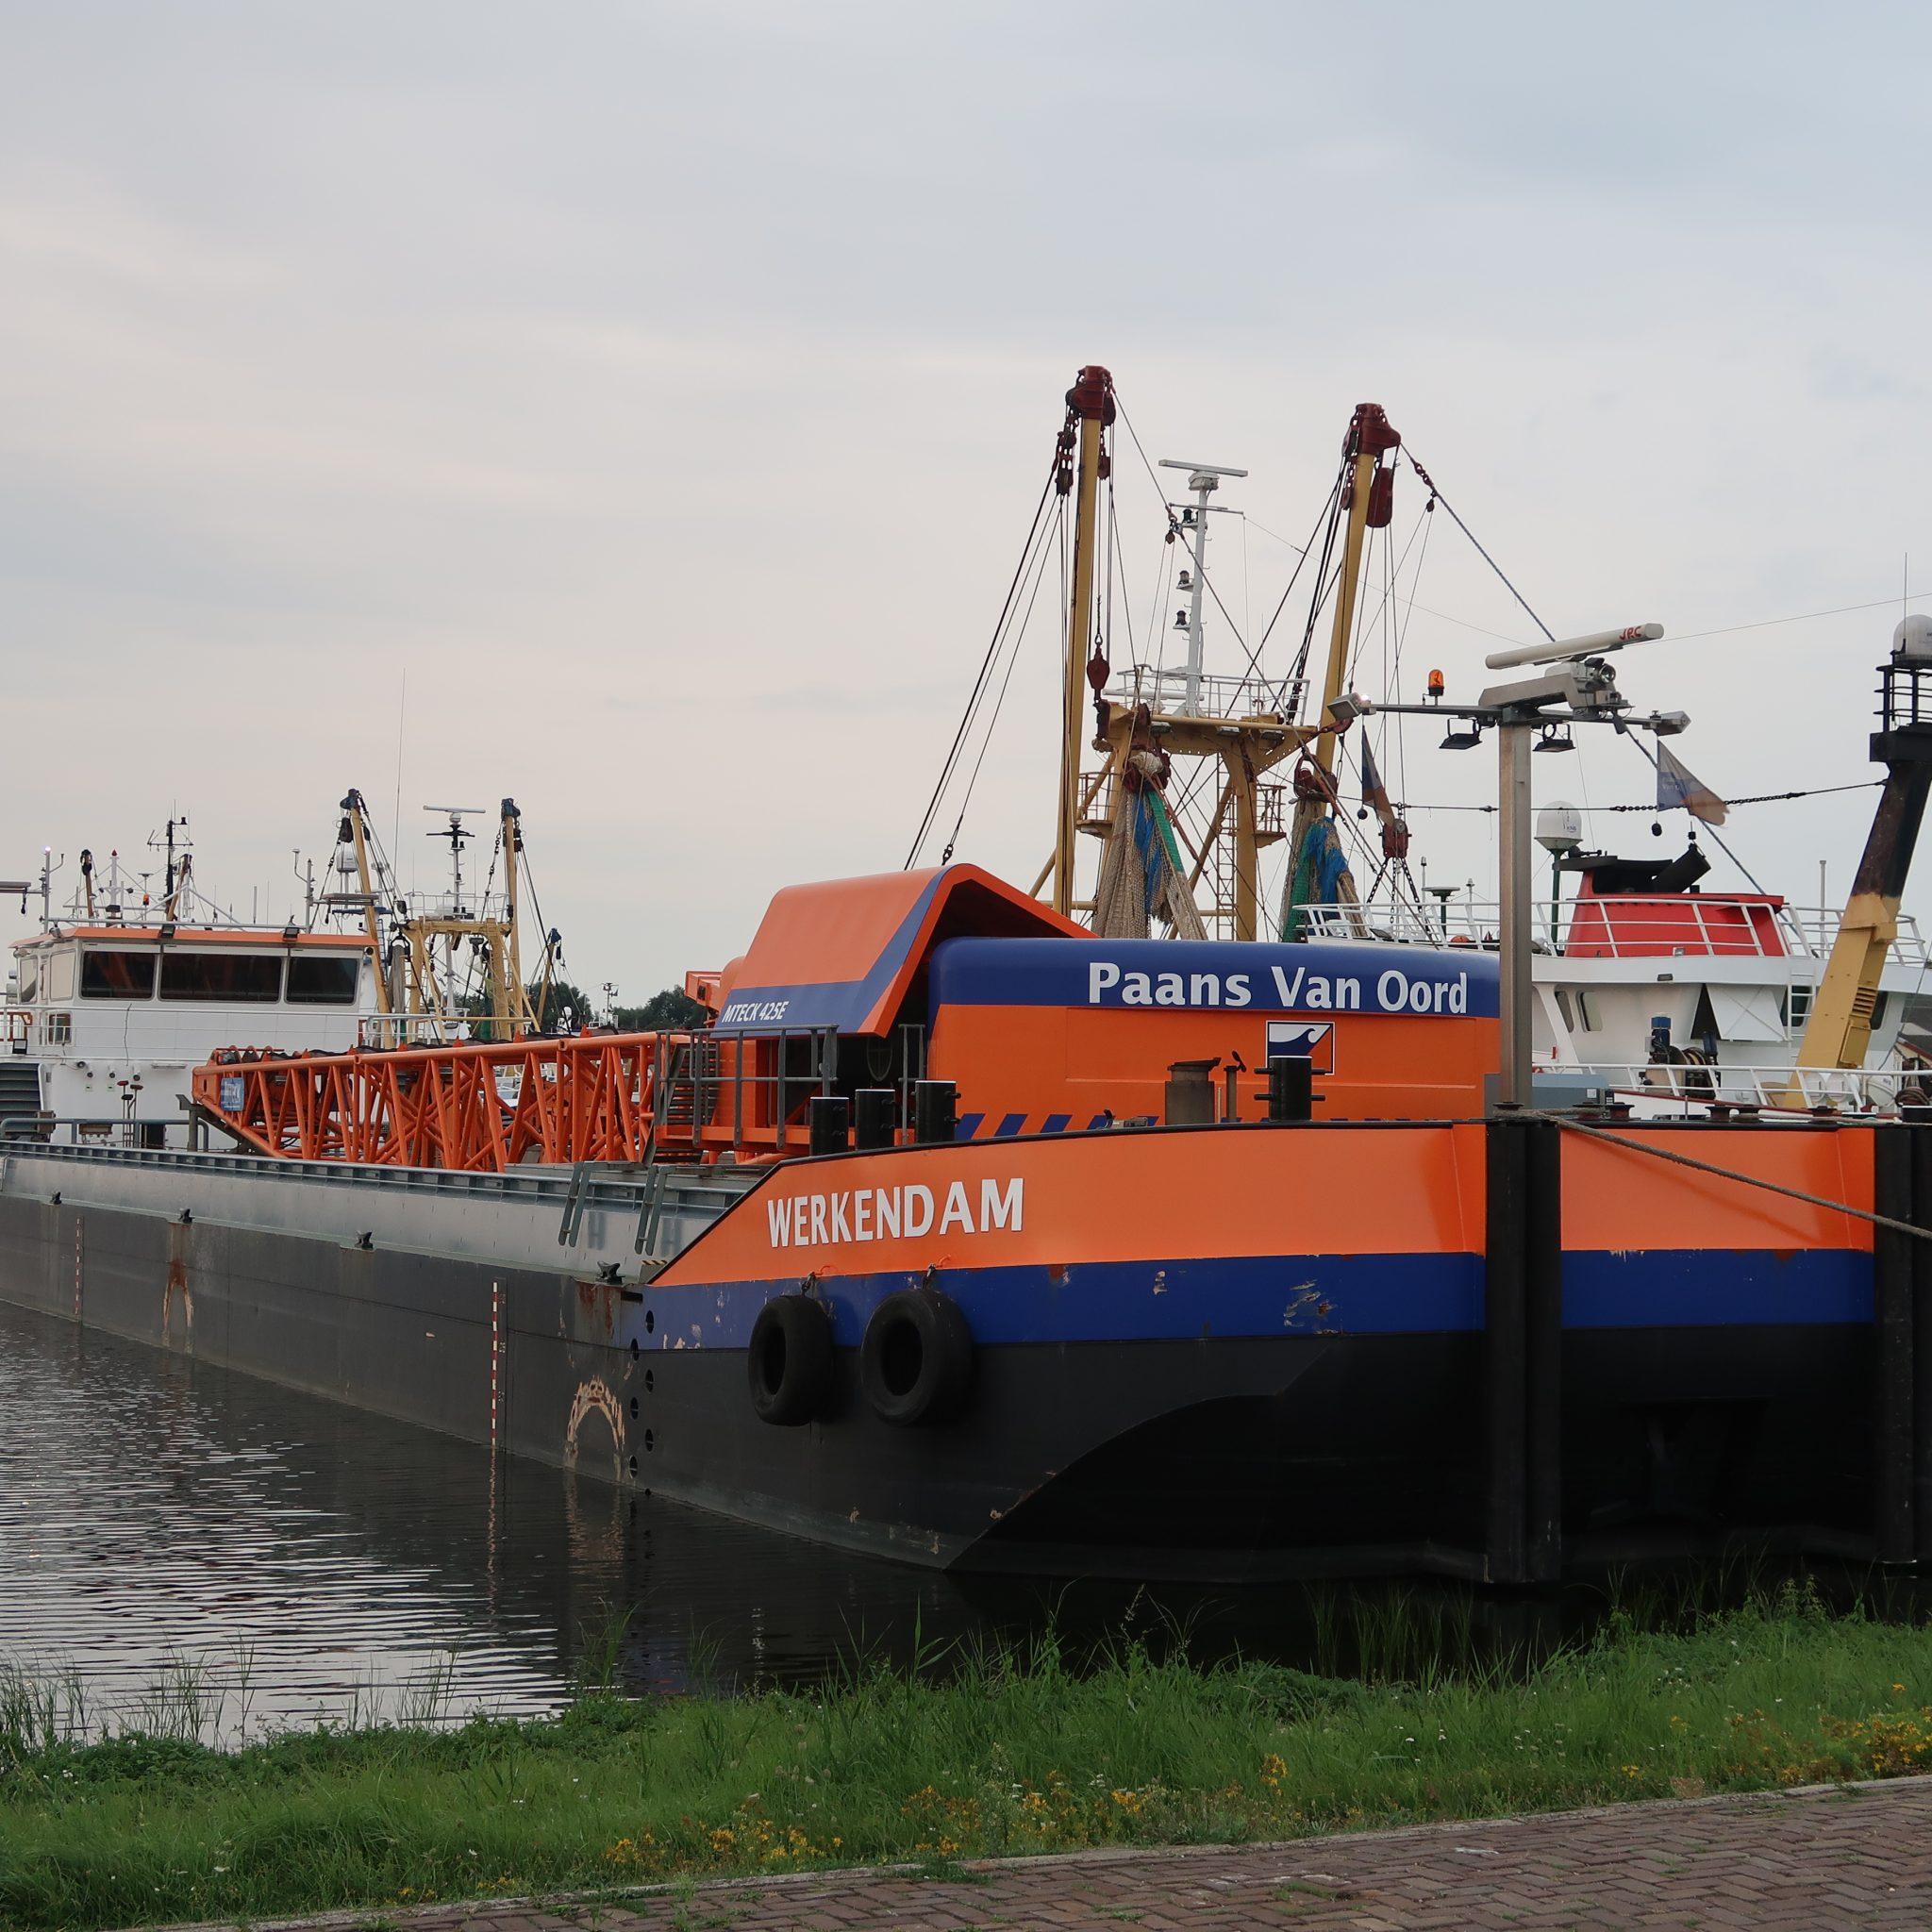 Het kraanschip Werkendam ligt al enkele weken in de binnenhaven van Stellendam. (Foto W.M. den Heijer)